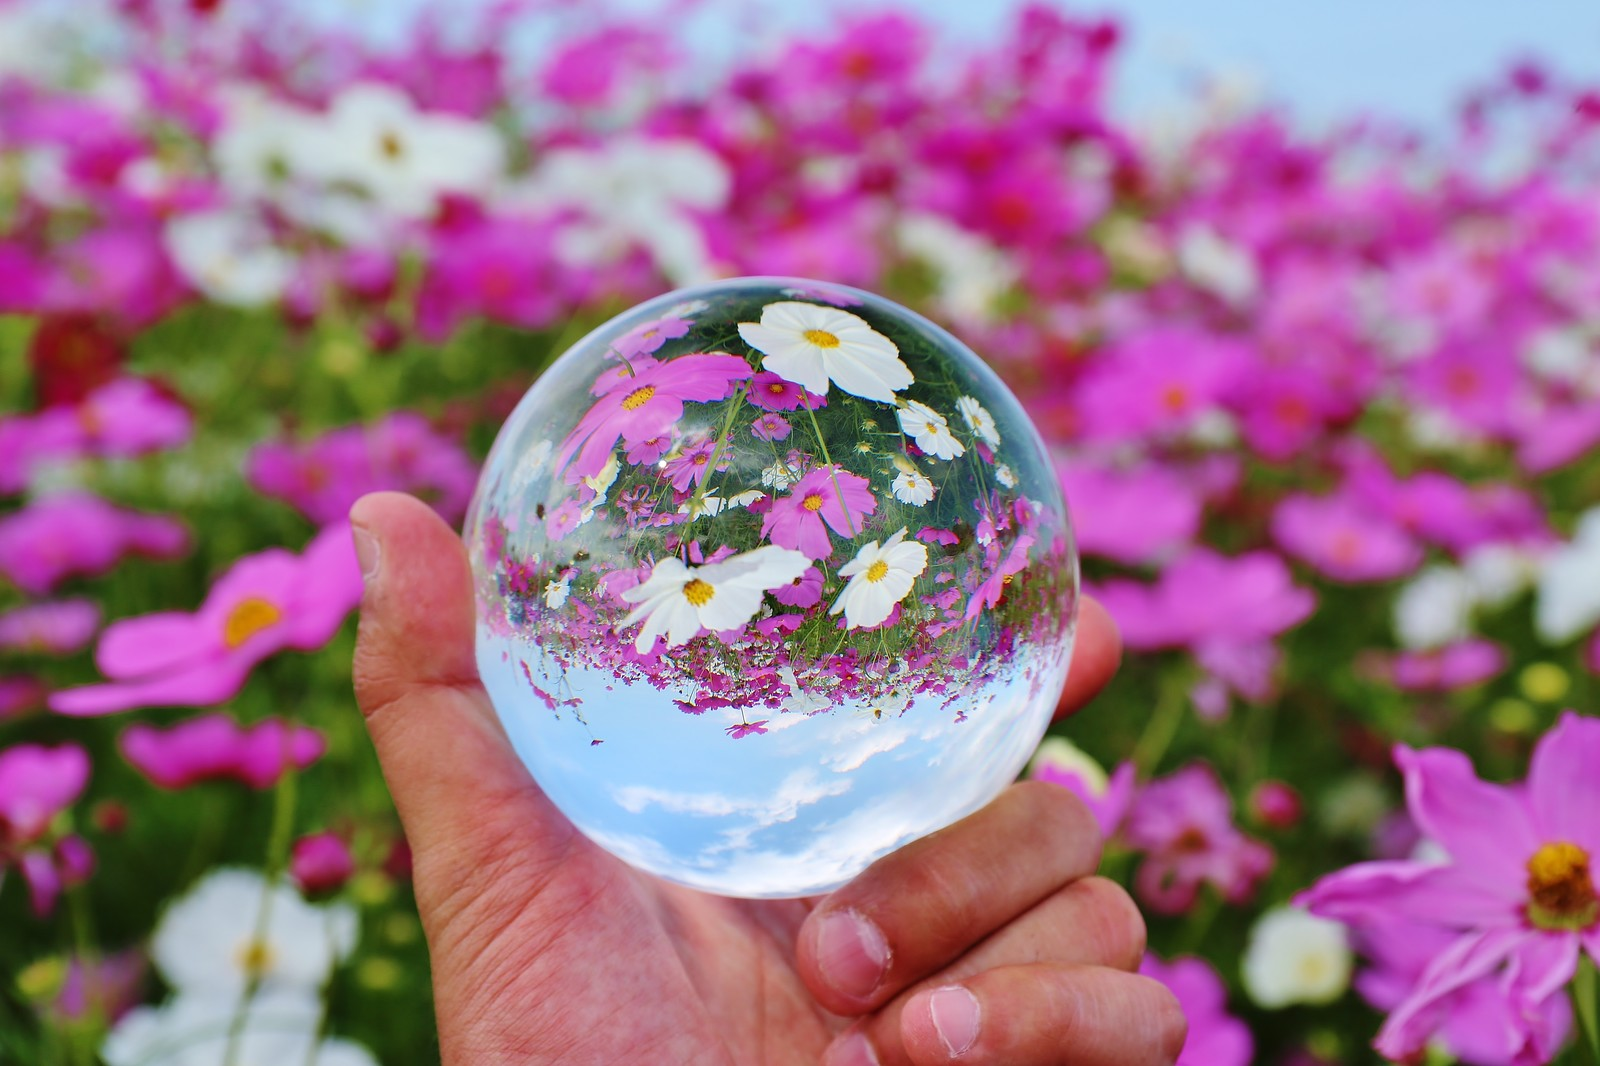 「コスモス畑と水晶玉コスモス畑と水晶玉」のフリー写真素材を拡大